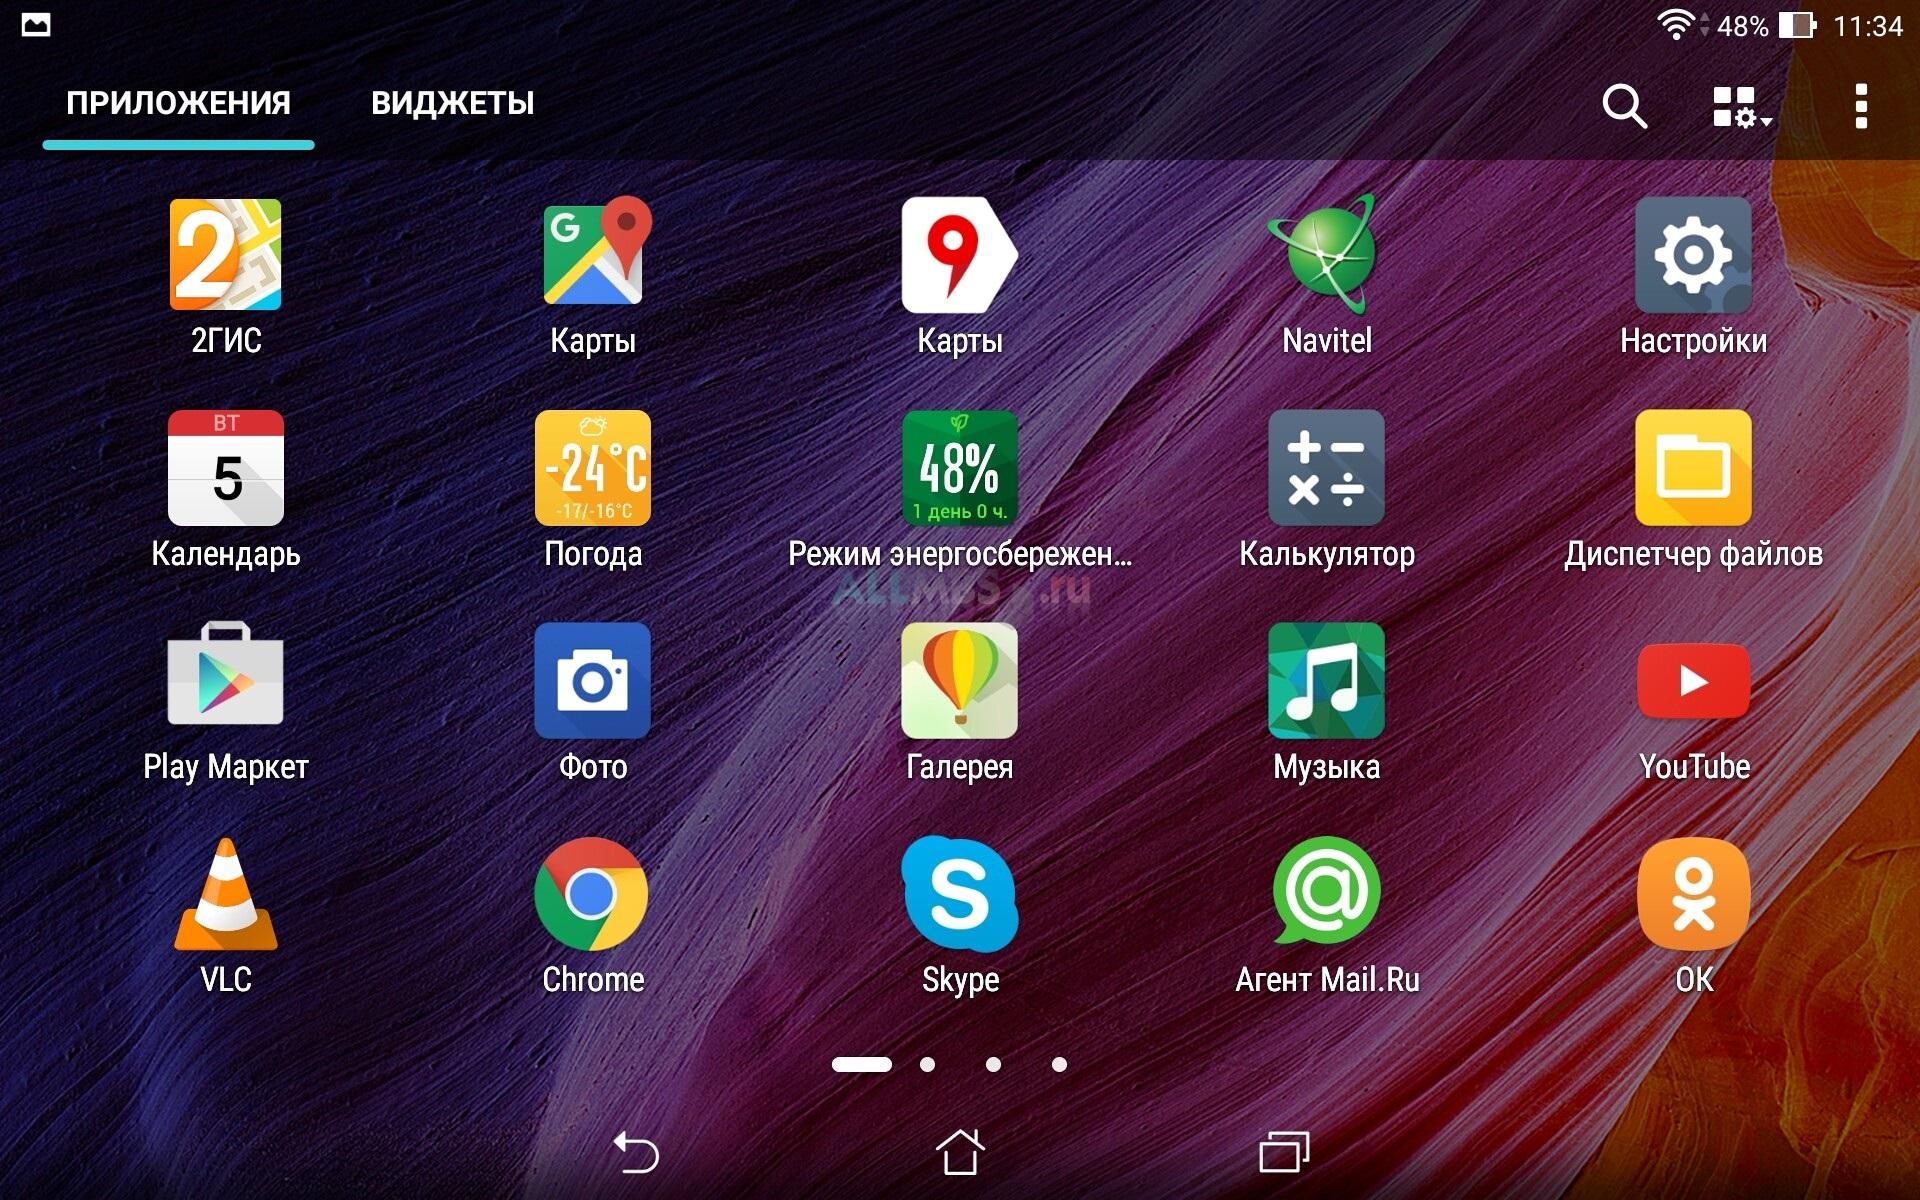 Скриншот на Андроиде